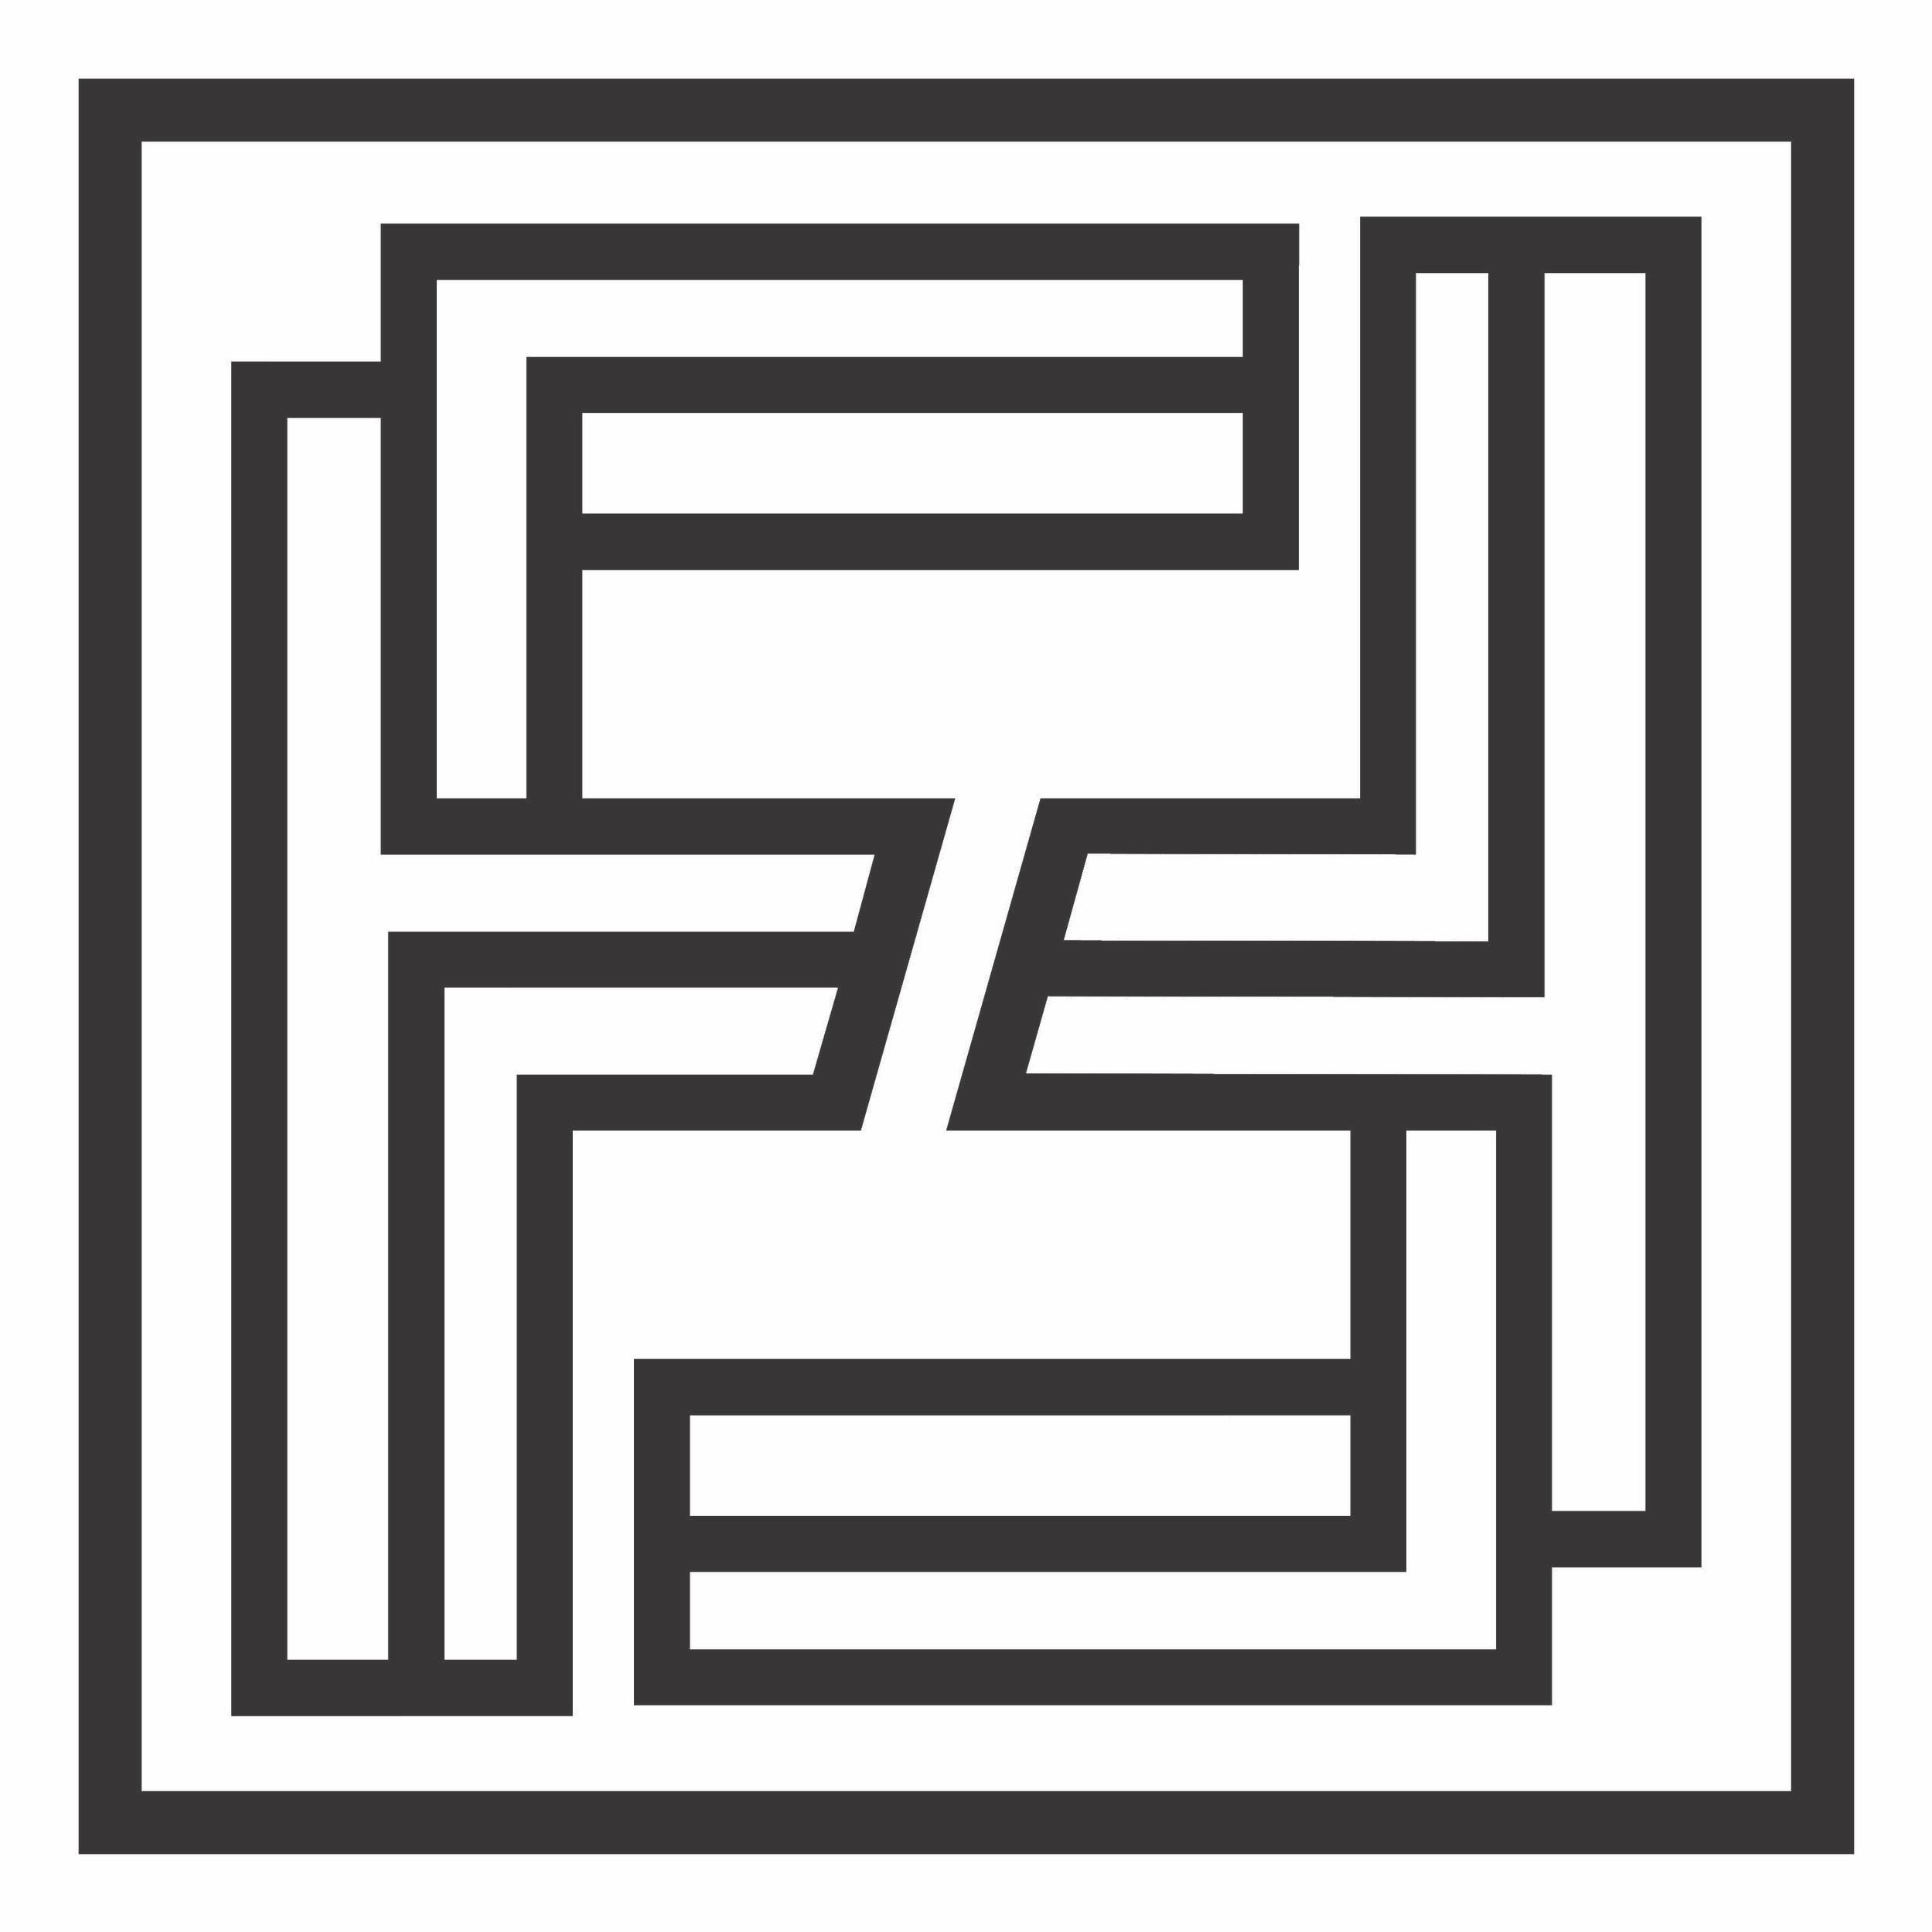 FF_icon.jpg